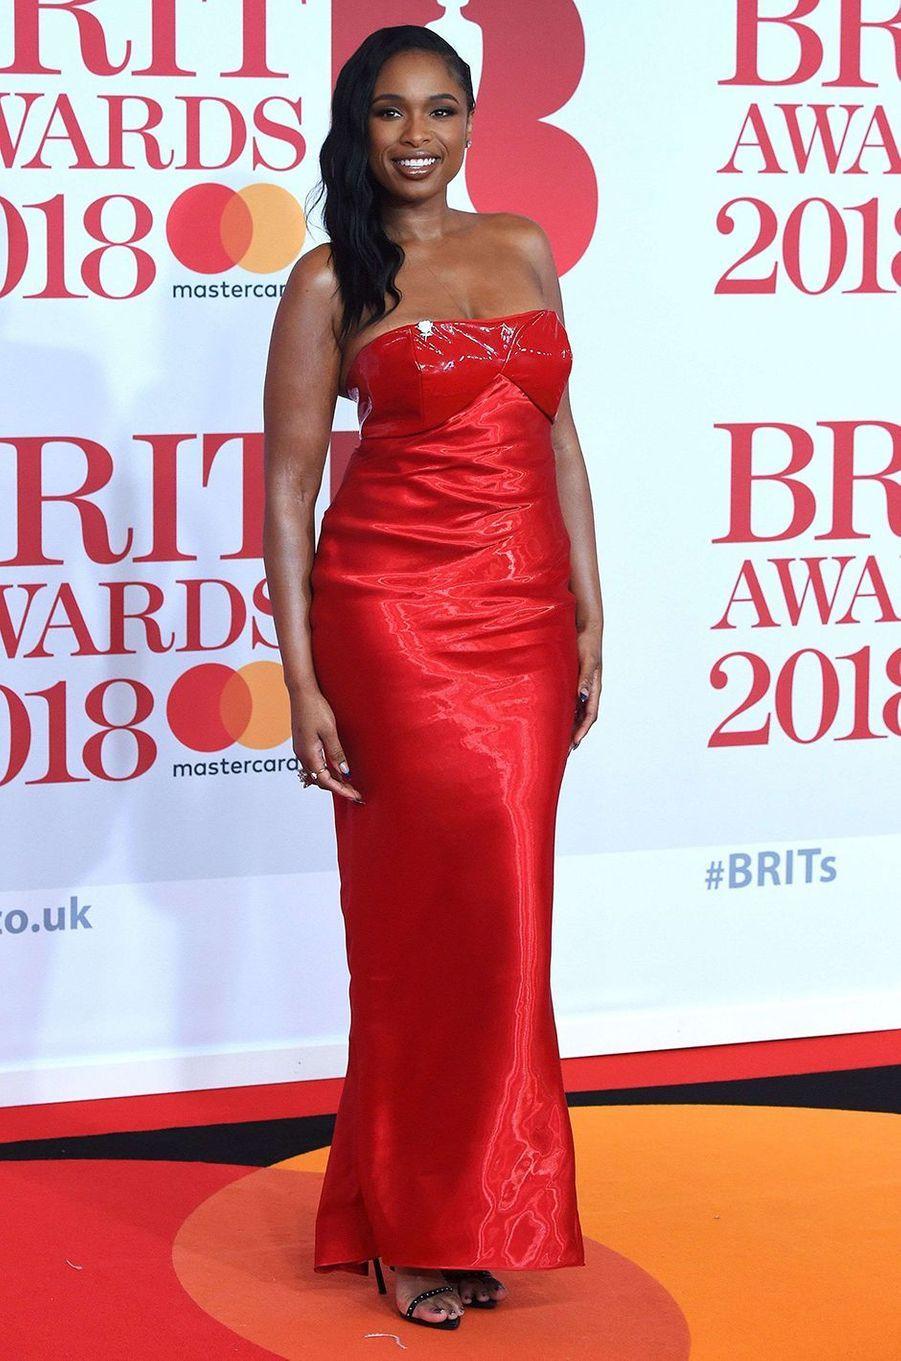 Jennifer Hudson à la soirée des Brit Awards 2018 à Londres, le 21 février 2018.